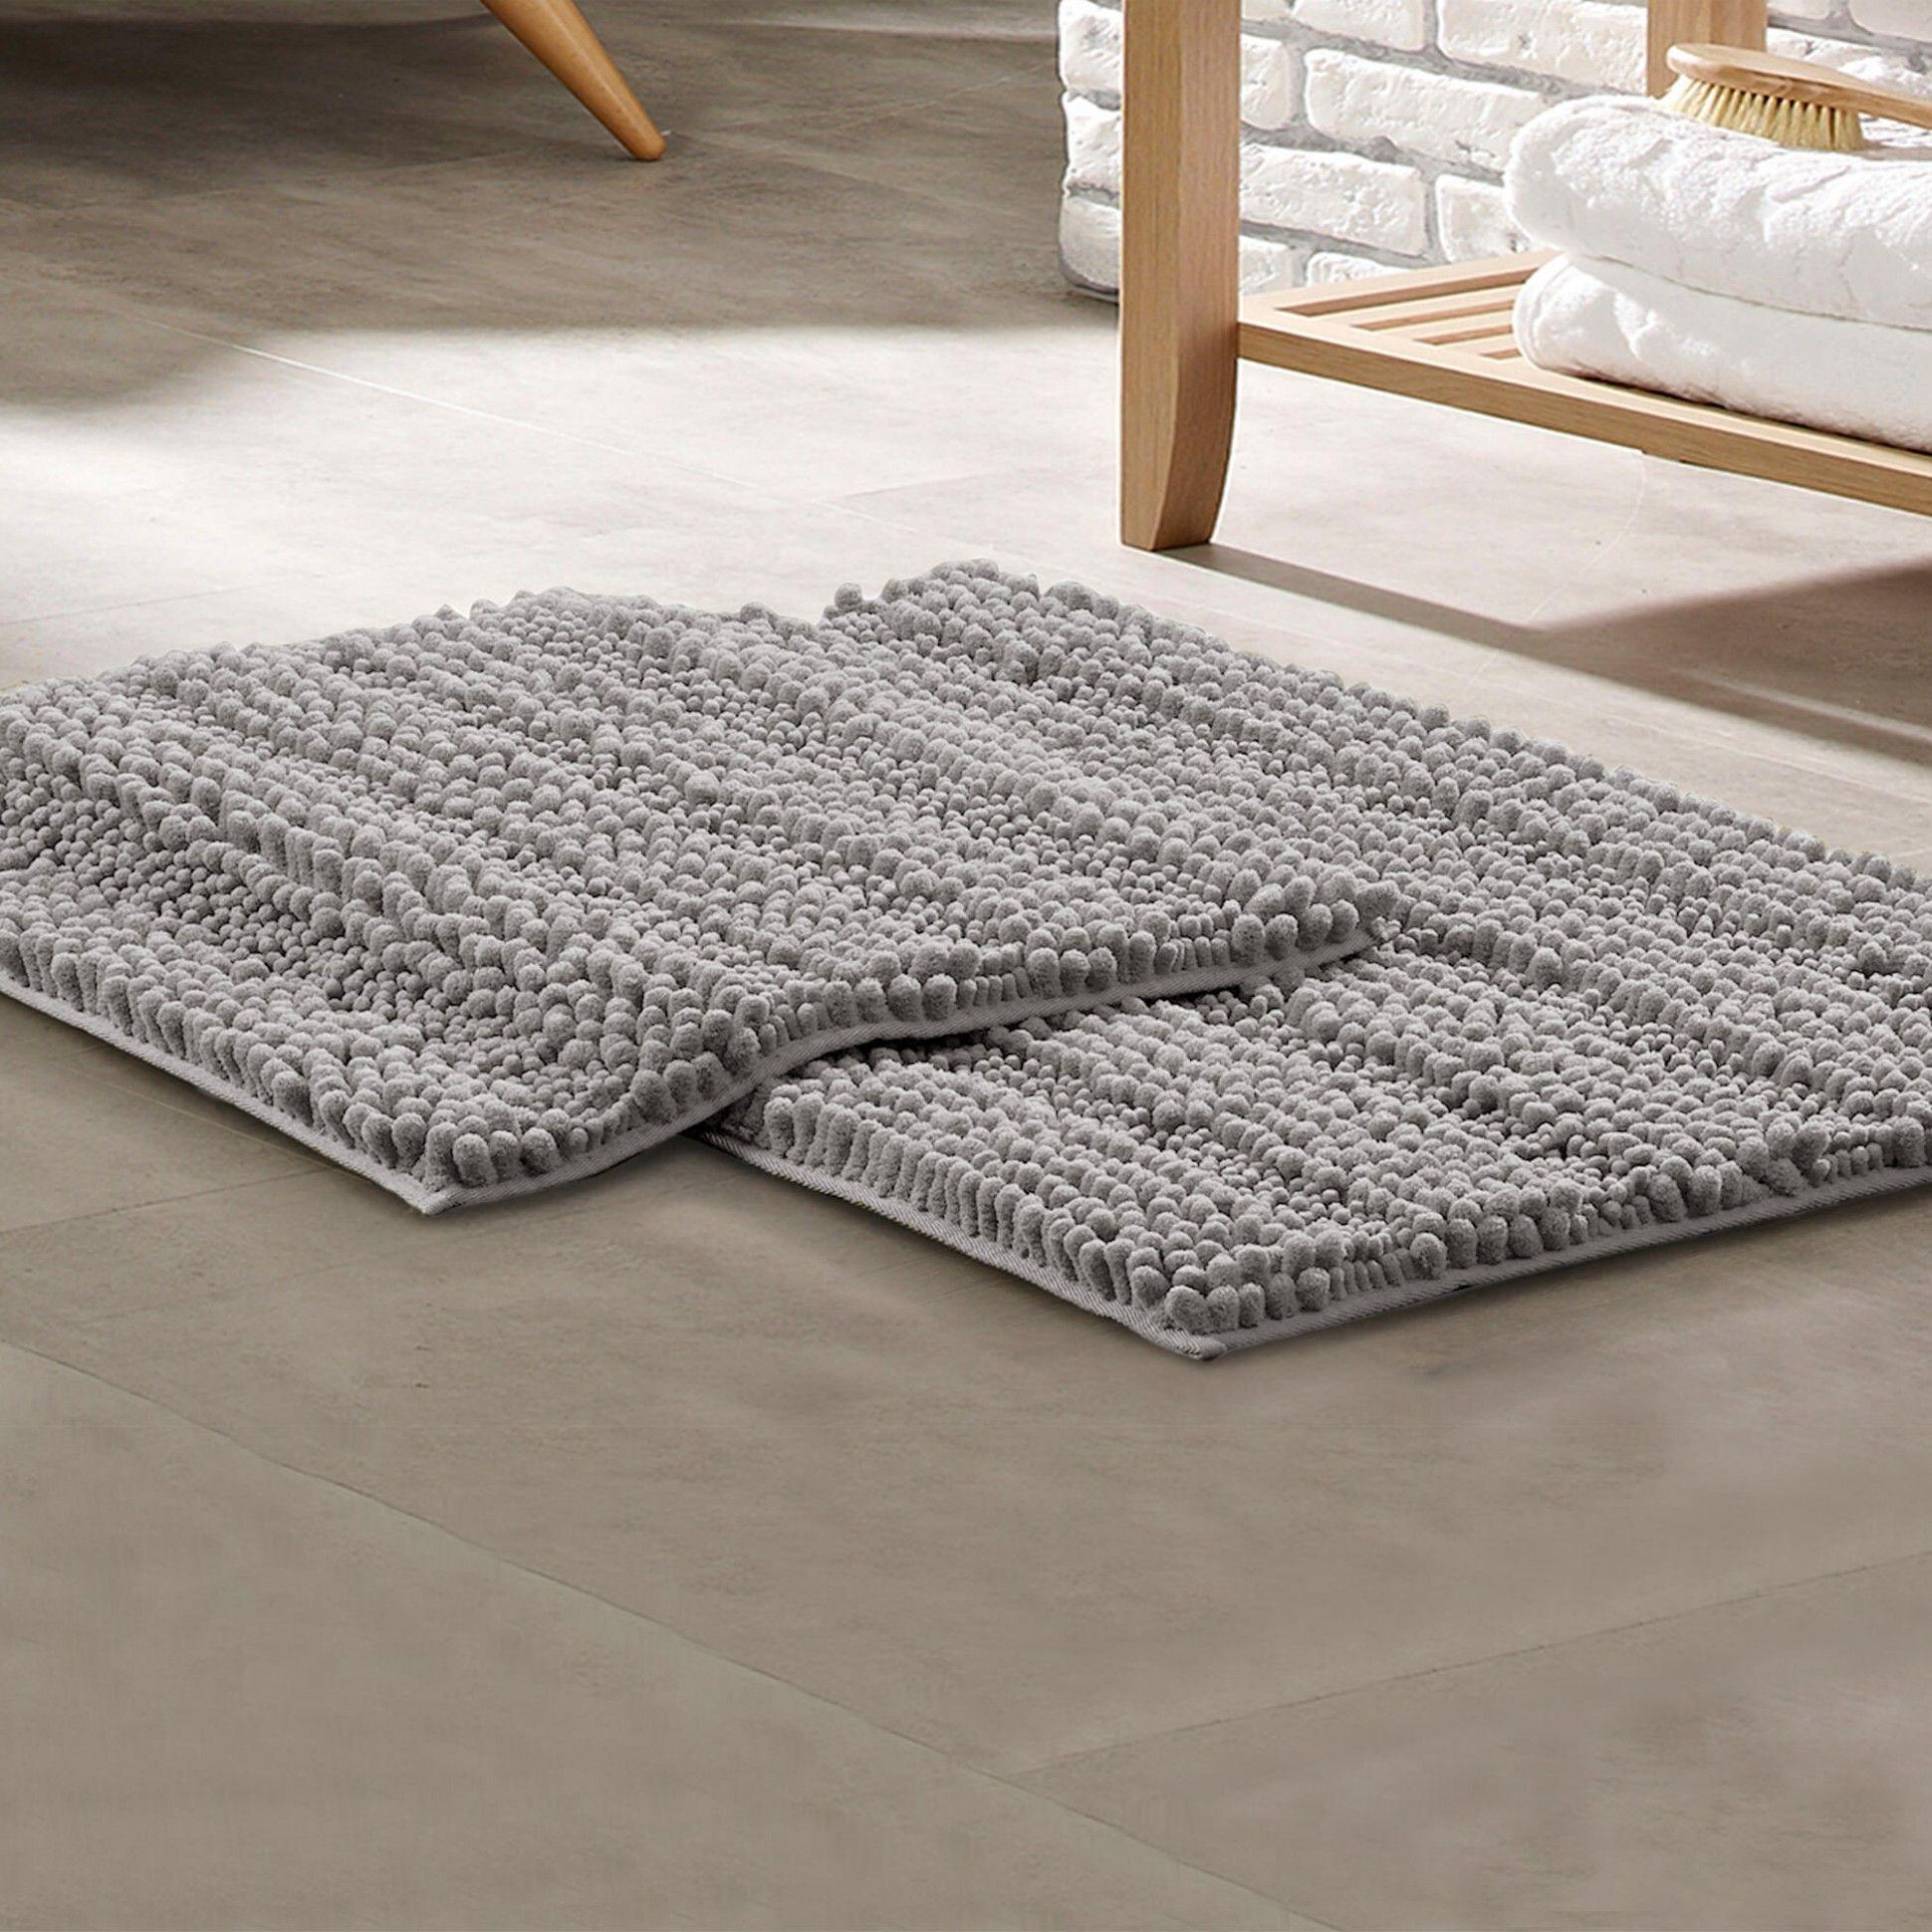 Wayfair Bathroom Mats in 6  Bath mat sets, Bath mat